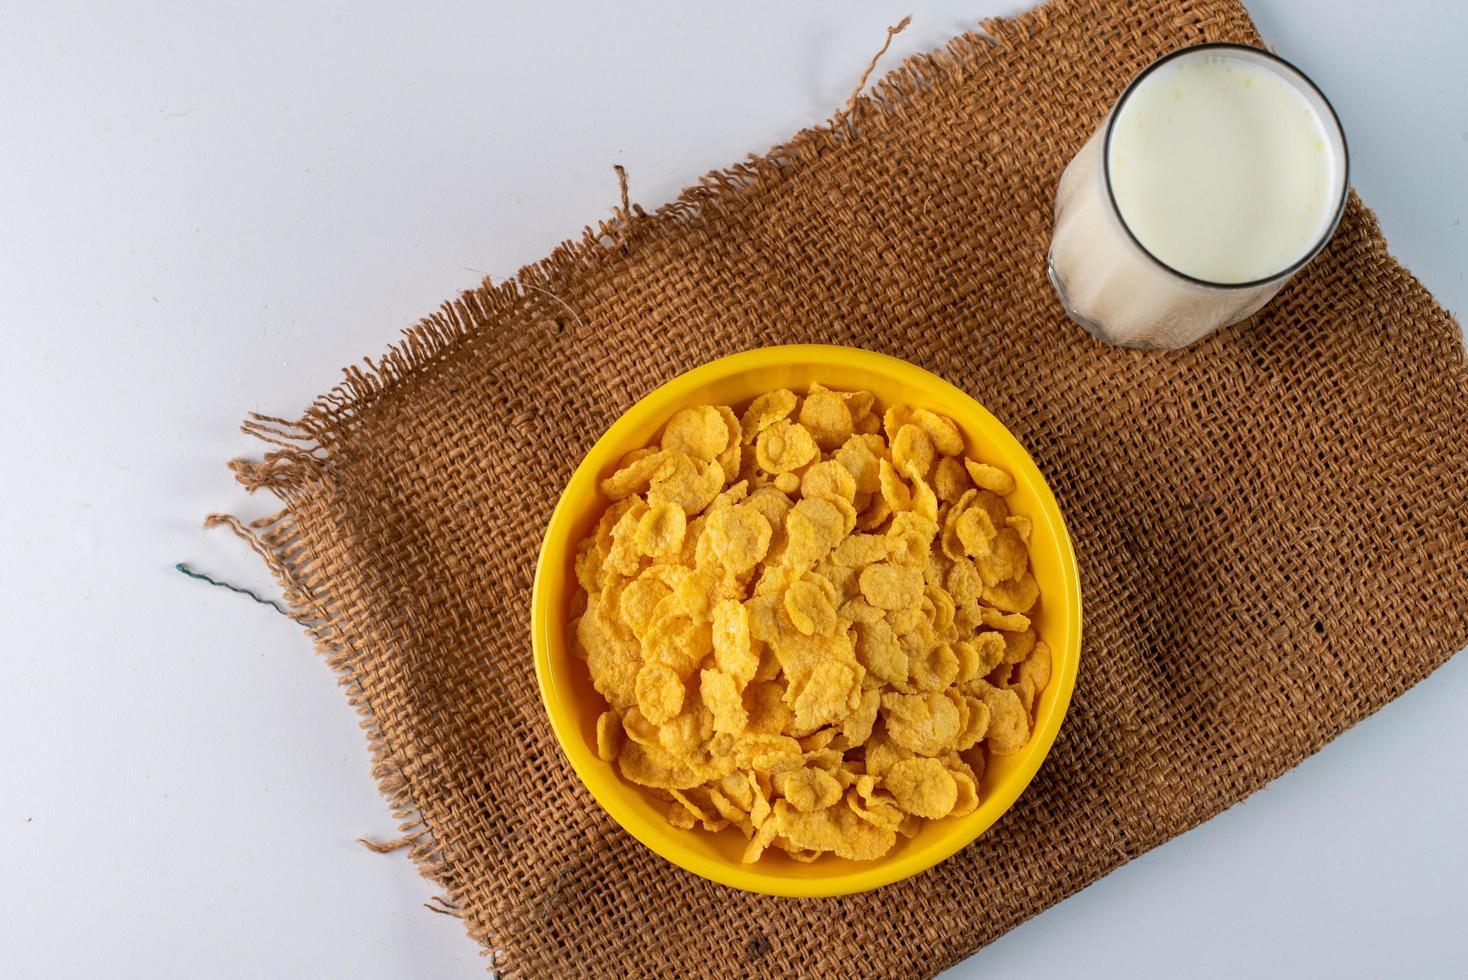 spannmål och mjölk på neutral bakgrund foto